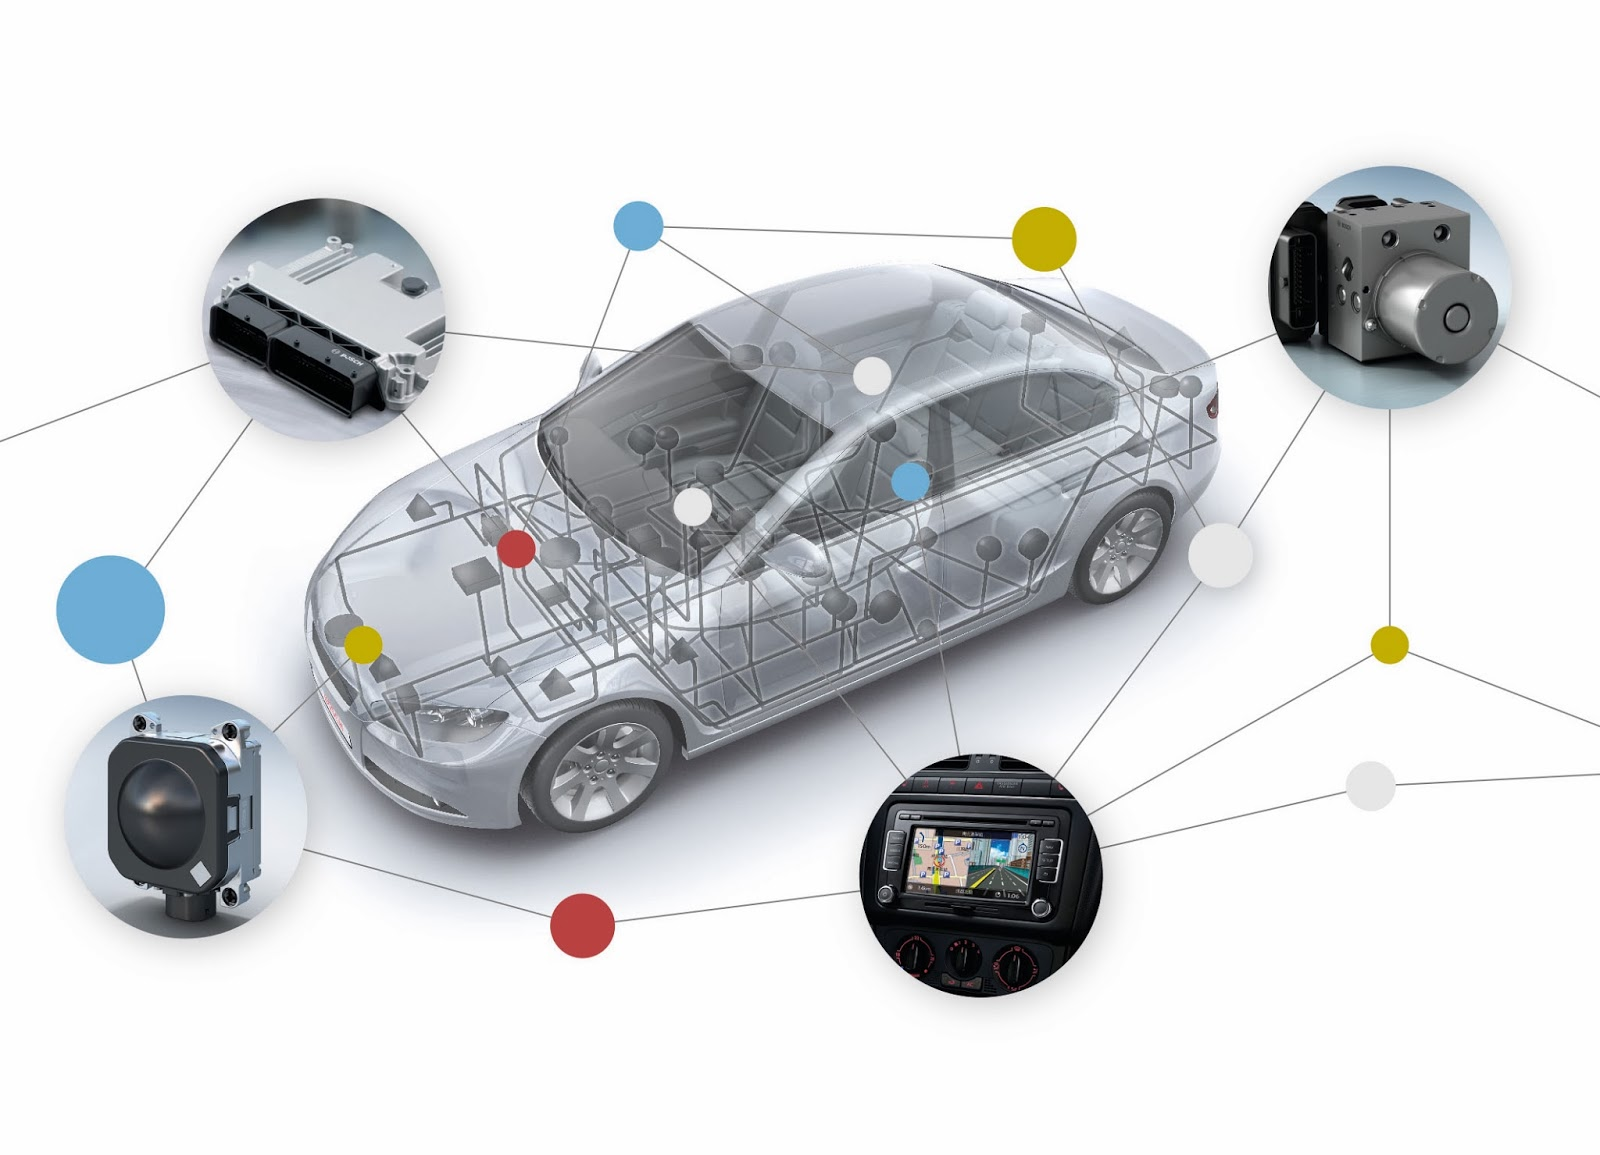 voiture du futur peugeot 3008 opener une conduite connect e pour consommer moins. Black Bedroom Furniture Sets. Home Design Ideas